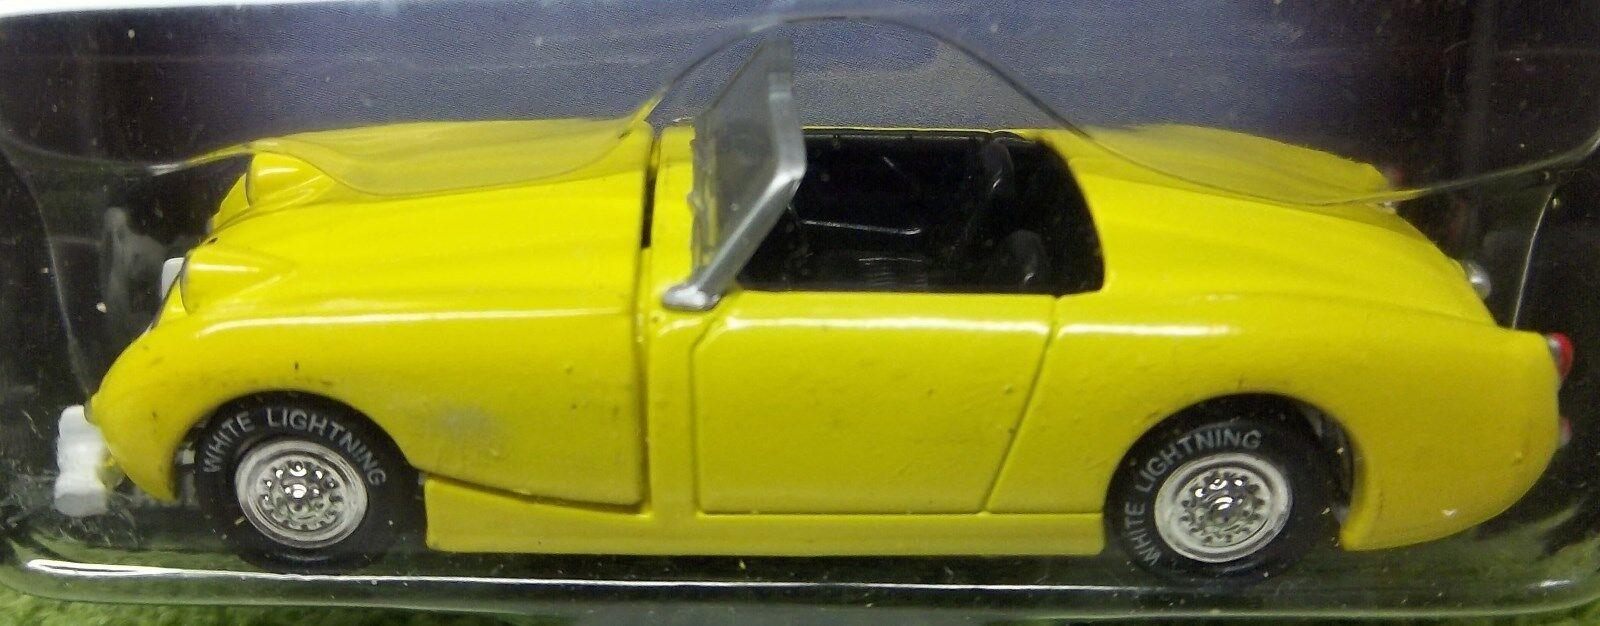 Austin Healey Sprite 3  largo giallo remolque remolque Healey Sprite bianca Lightning